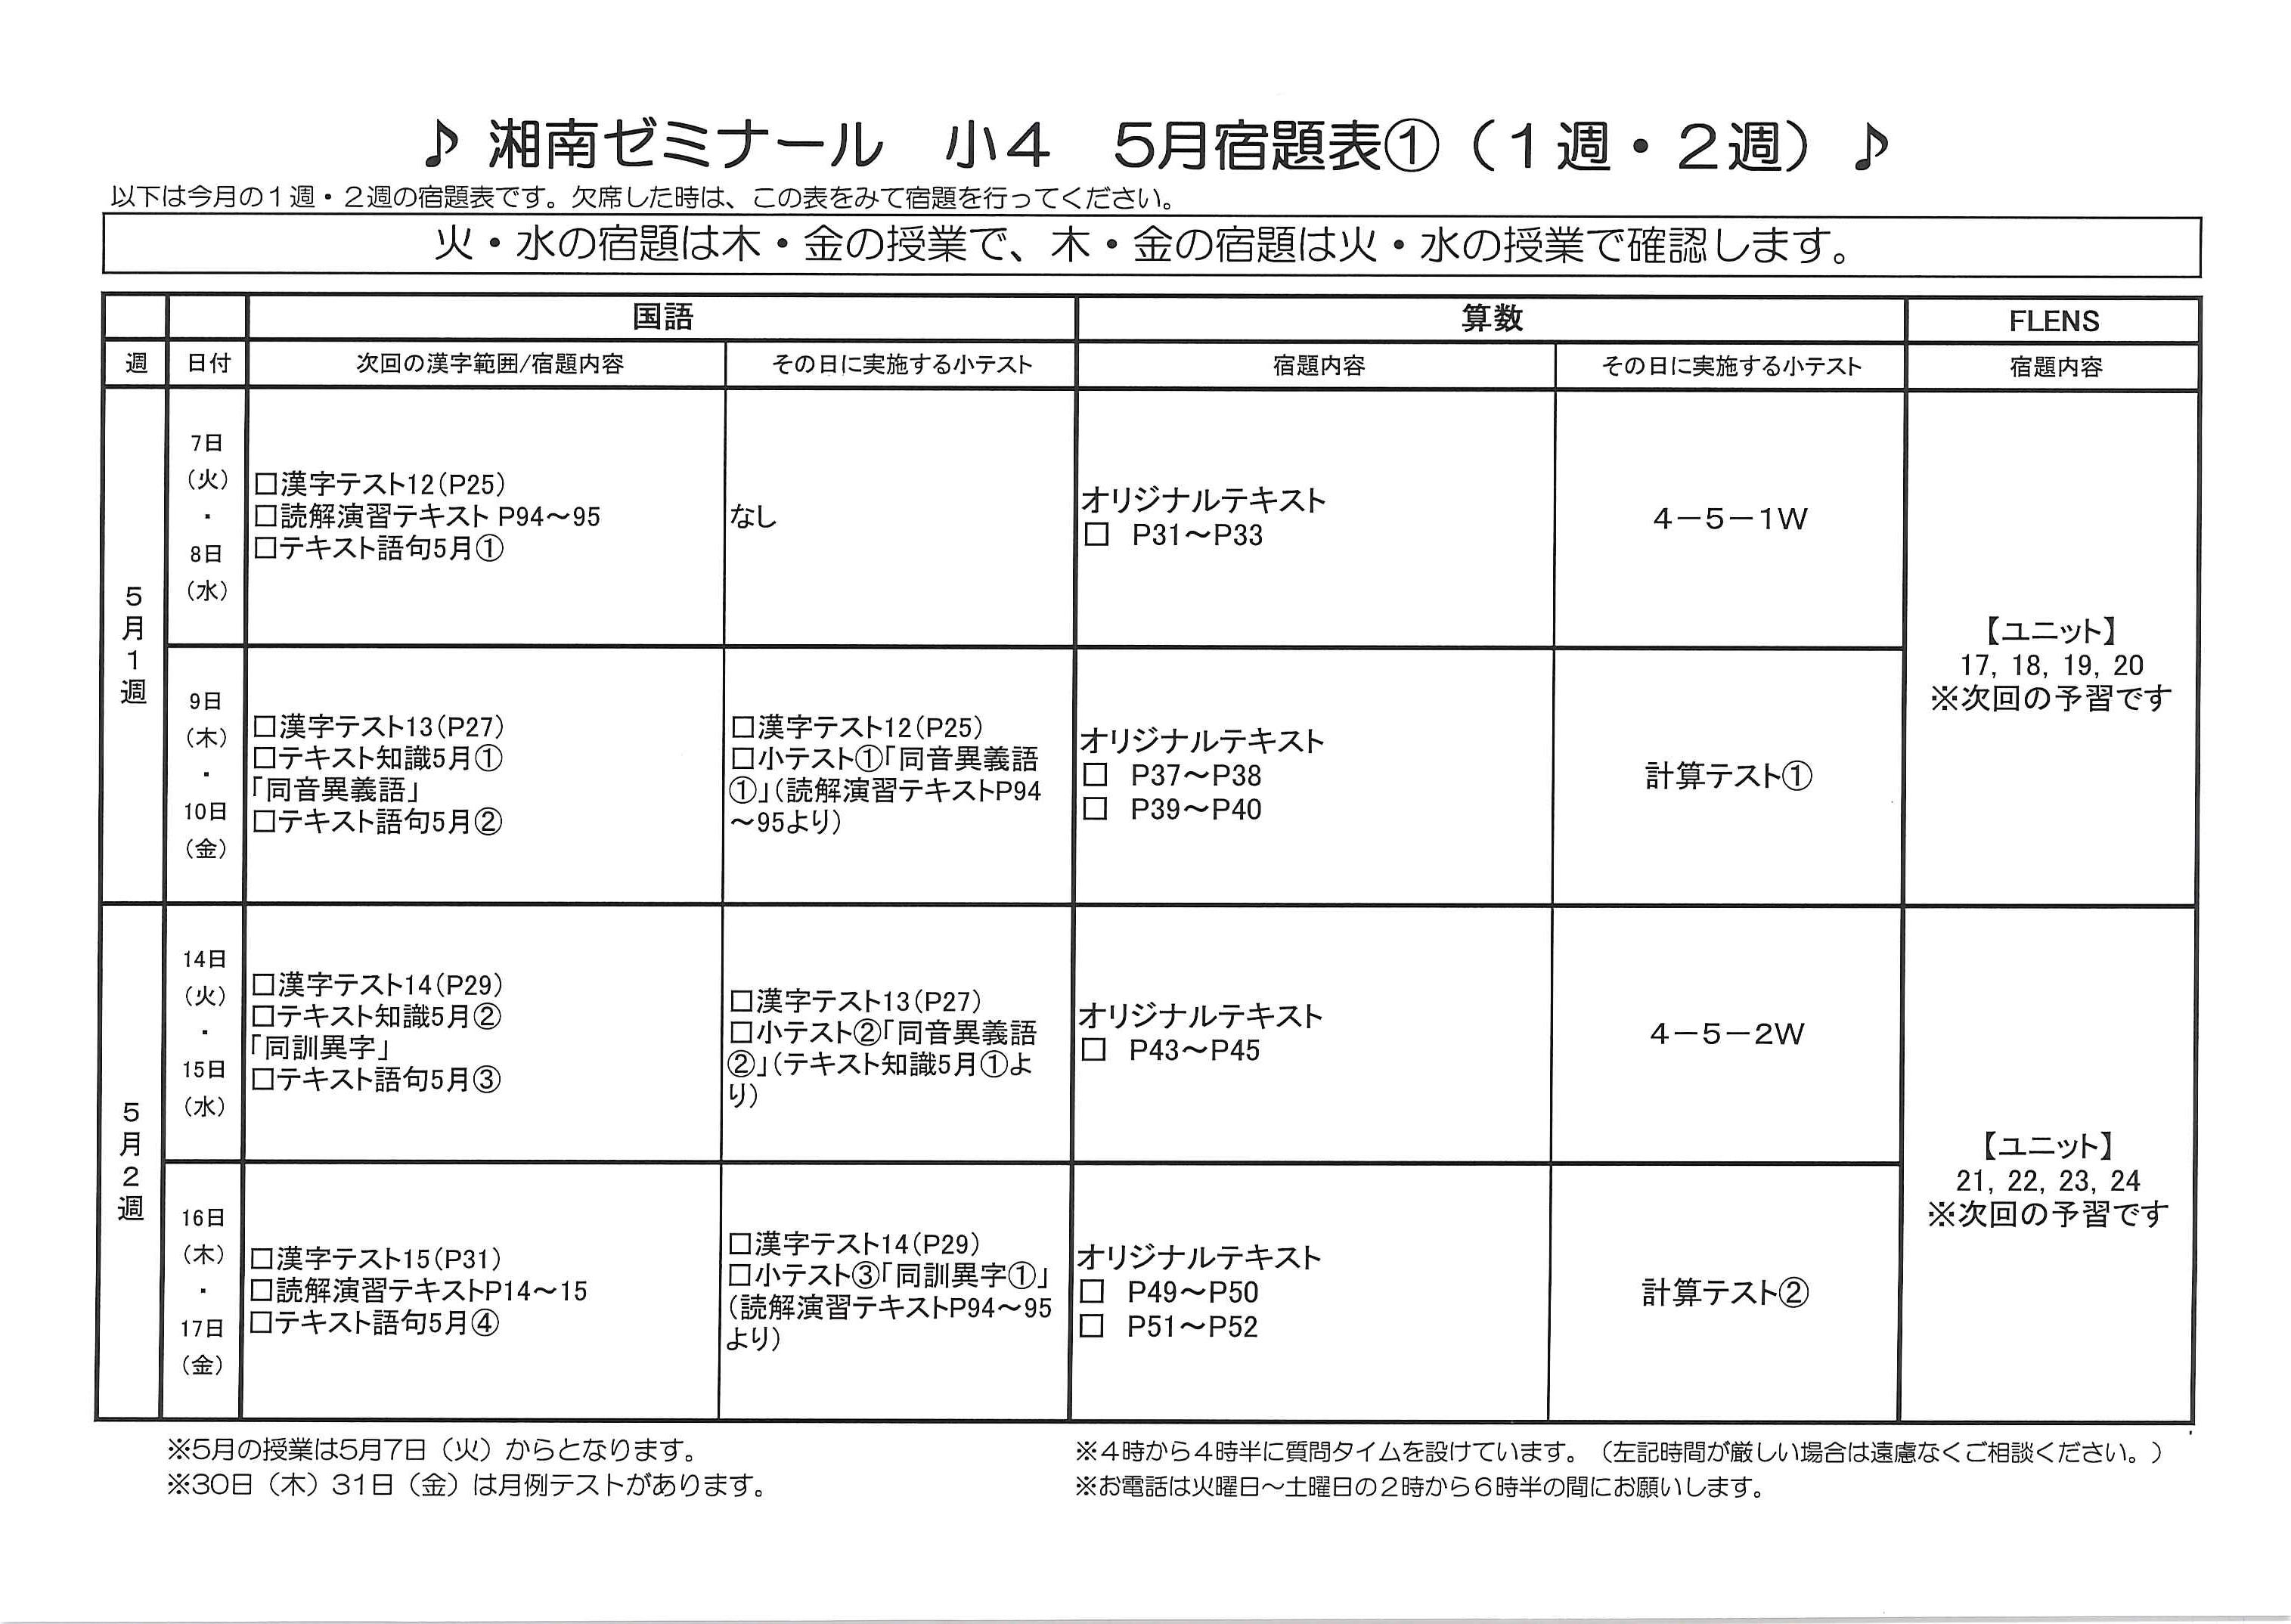 2019小学生宿題予定表【HP用:①】.png